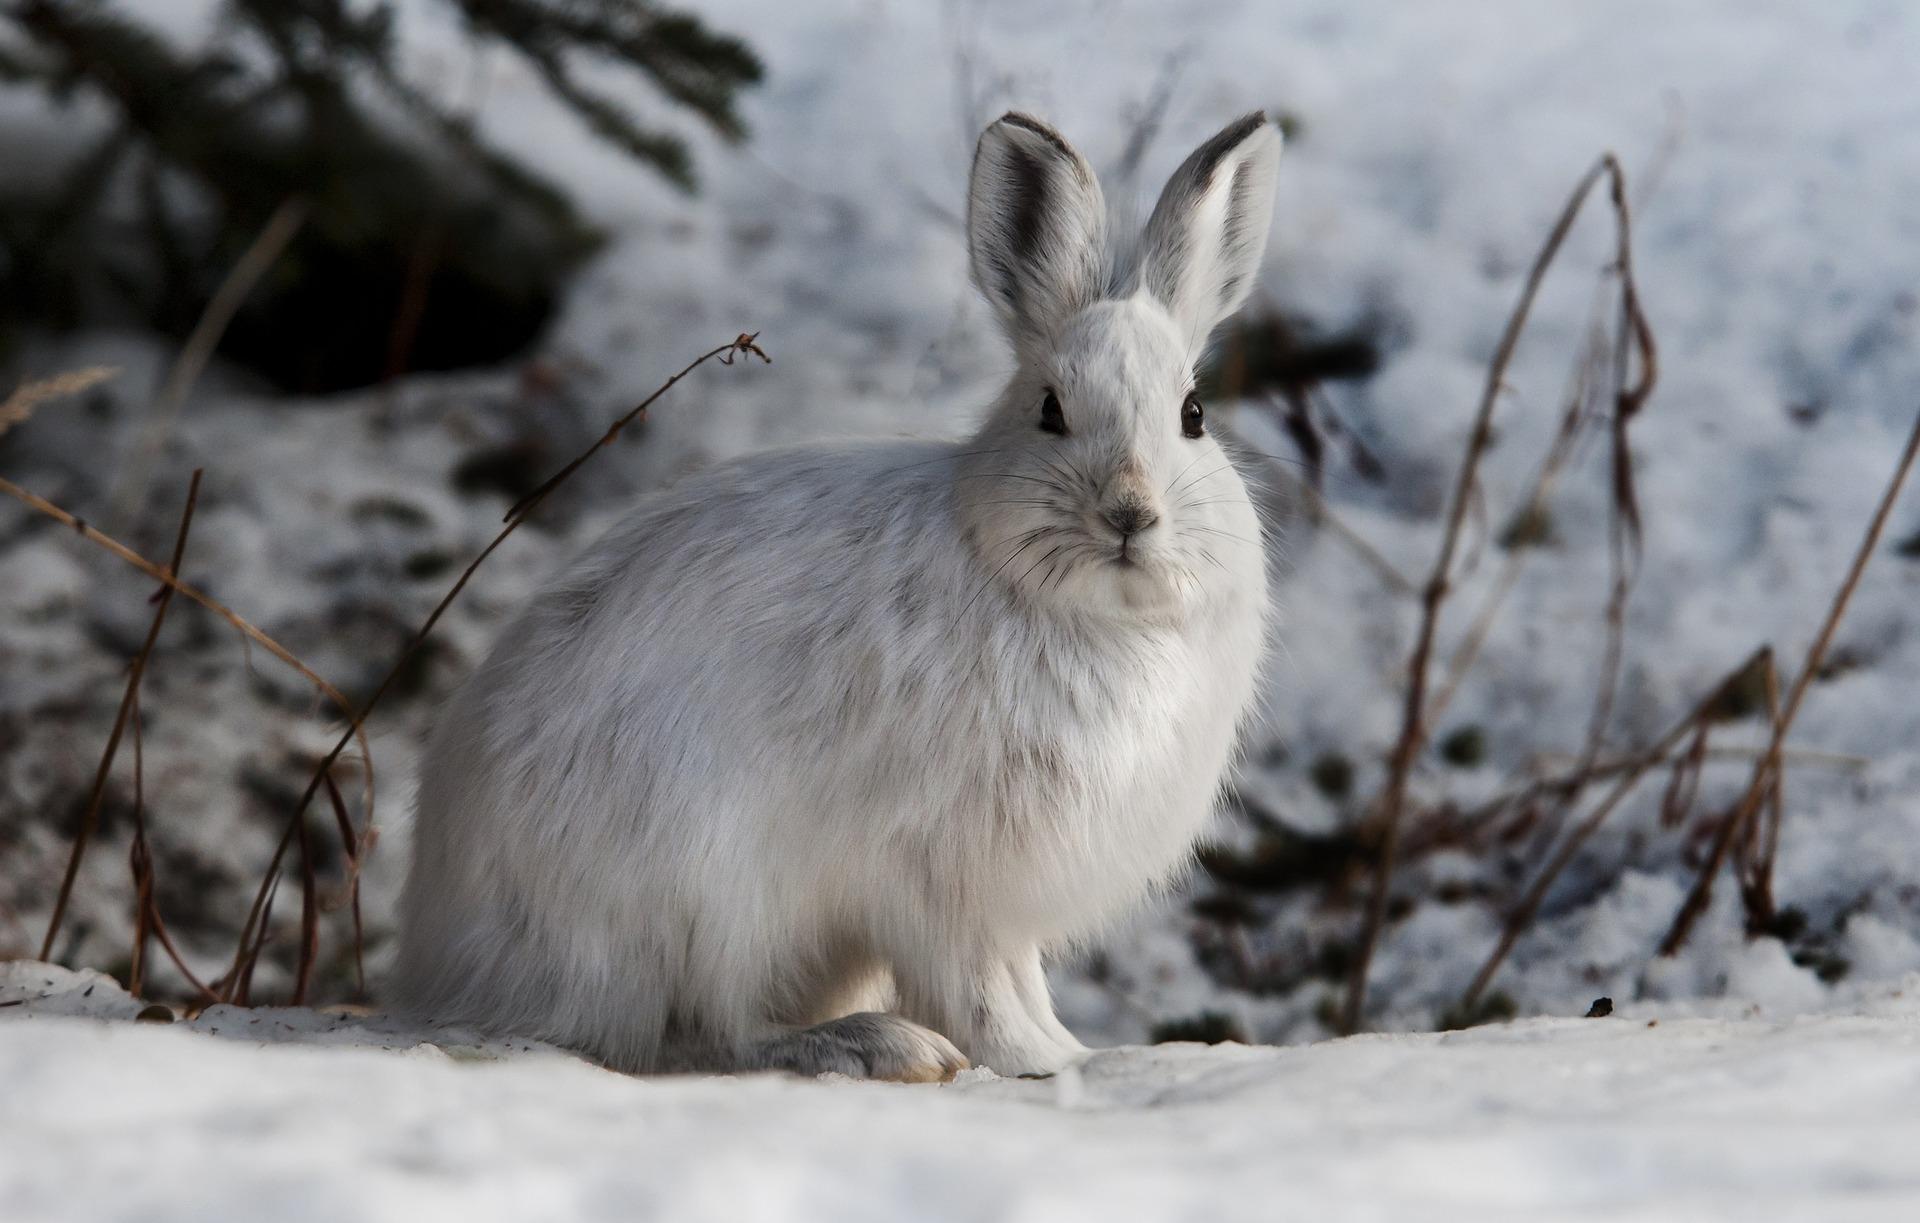 Der Schneehase hat im Winter ein dickes, warmes weißes Fell (via Pixabay von Skeeze)